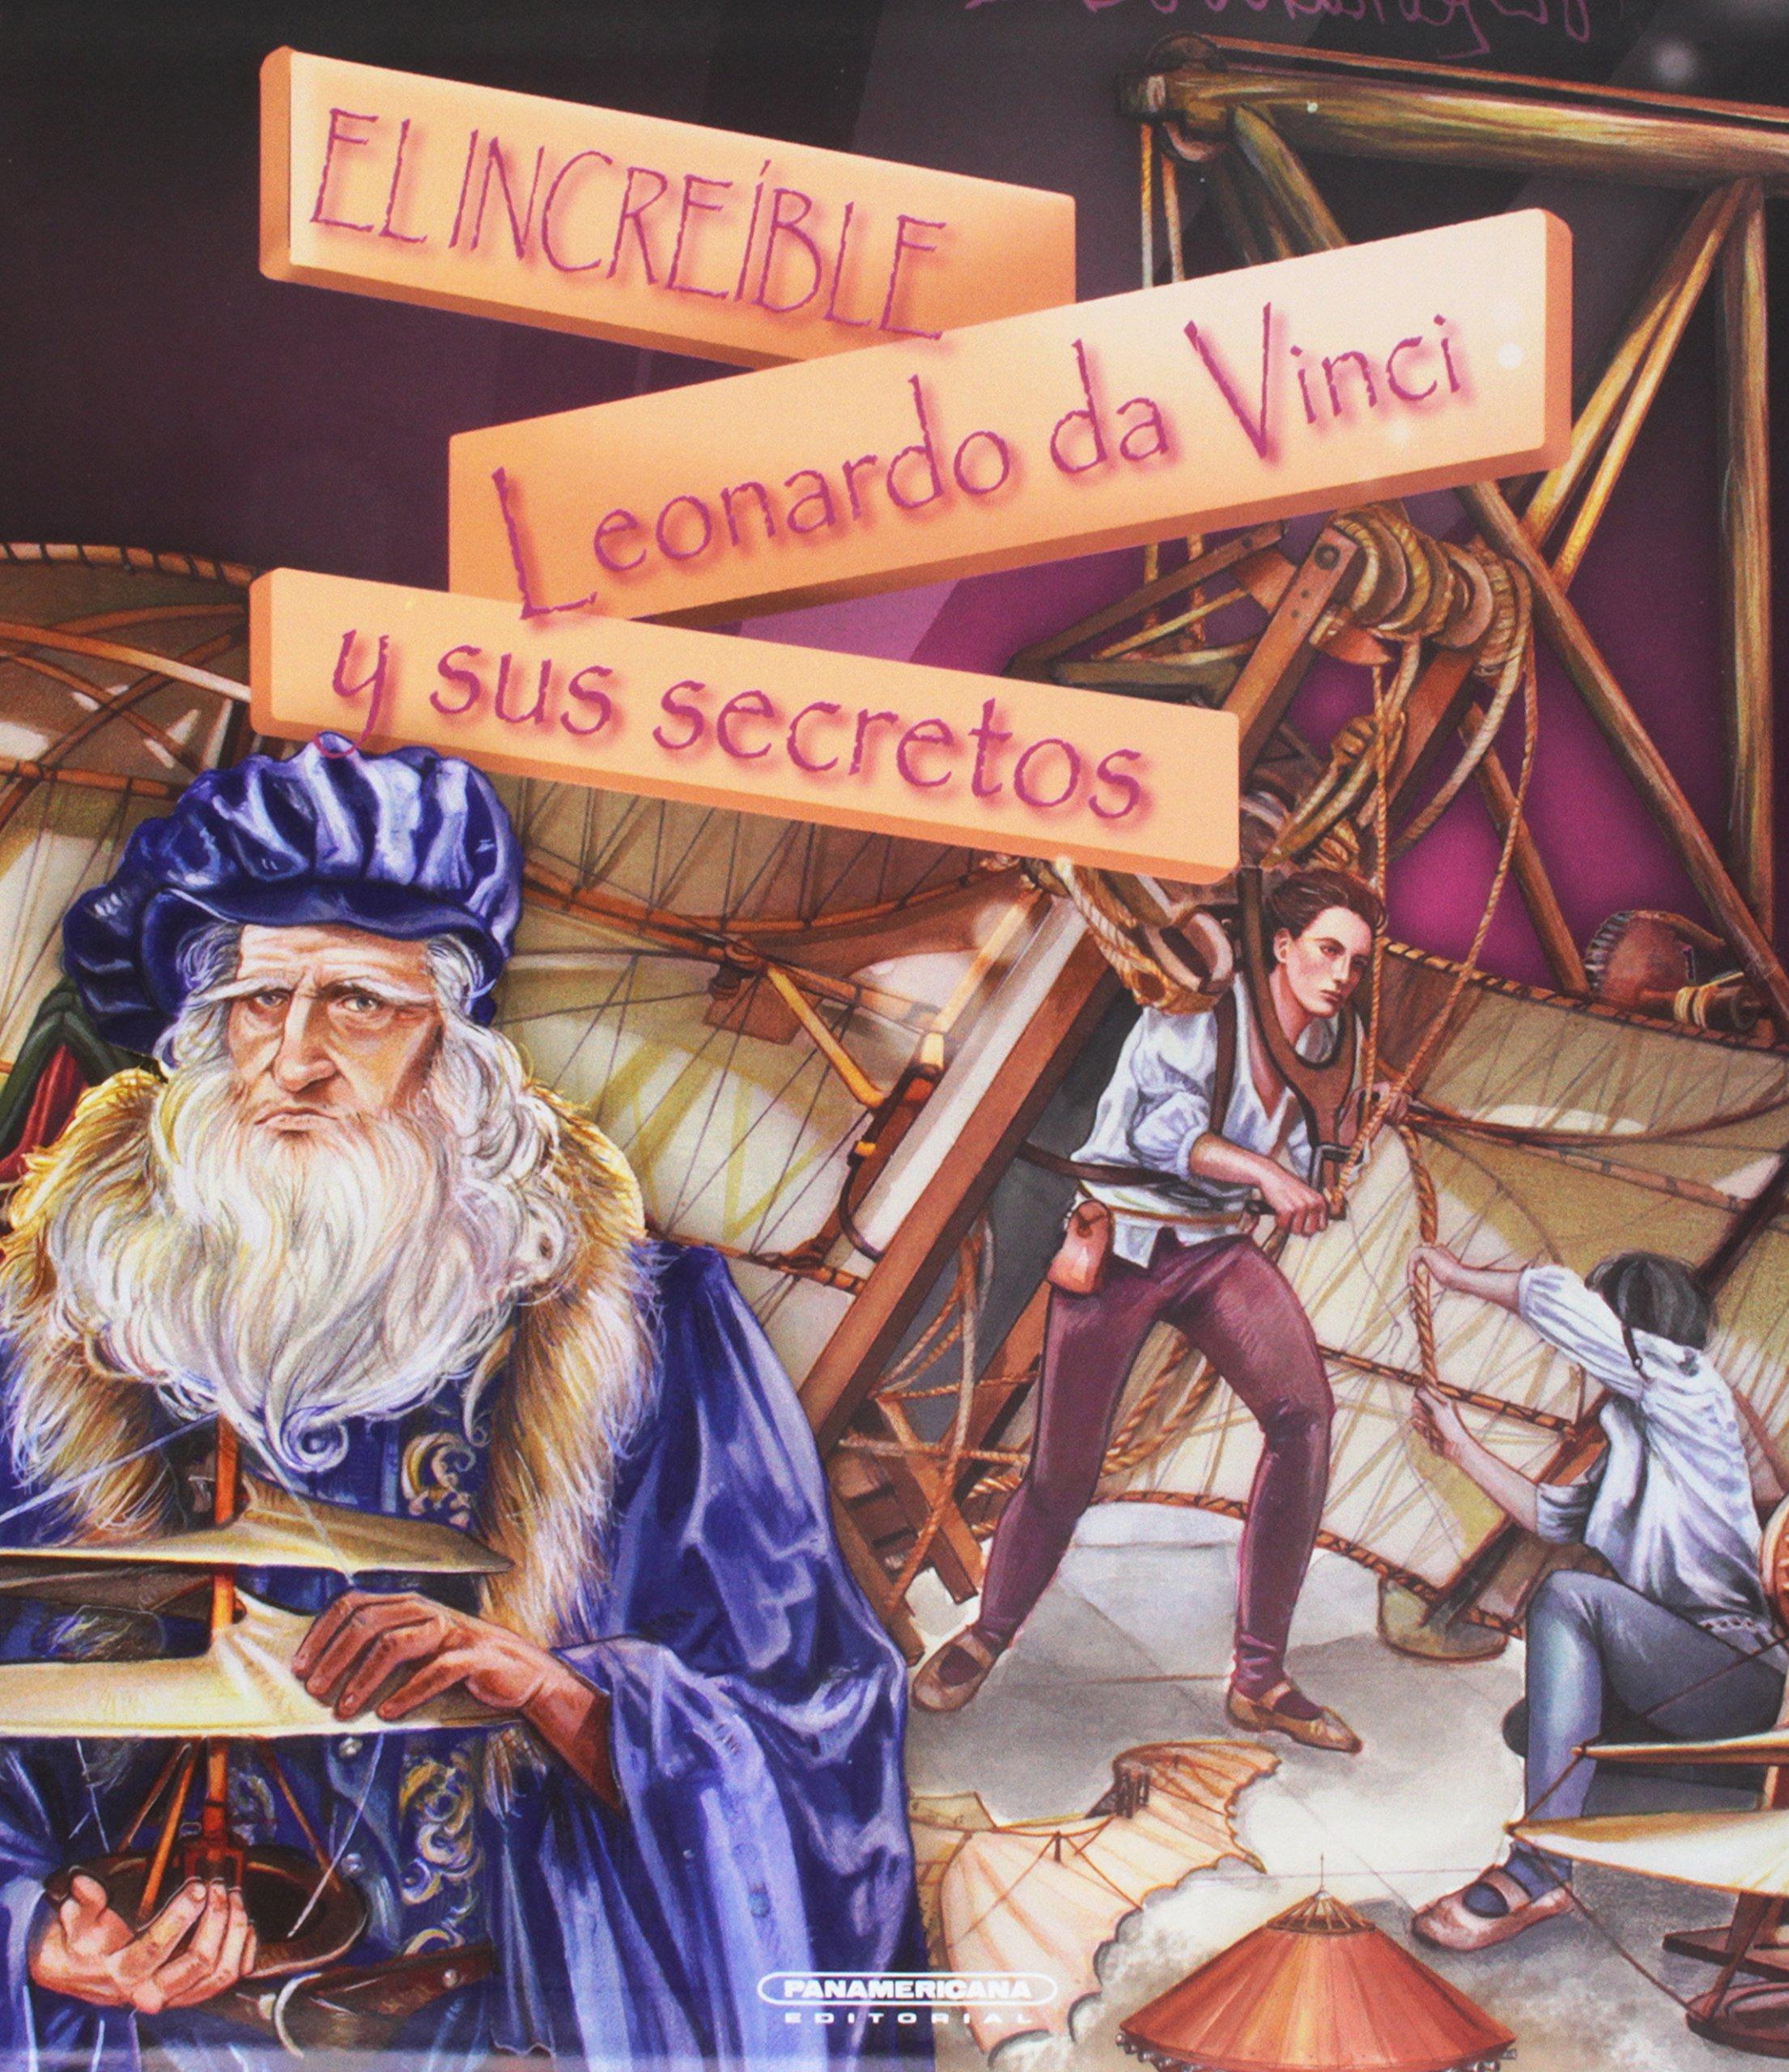 Download El increíble Leonardo da Vinci y sus secretos (Spanish Edition) pdf